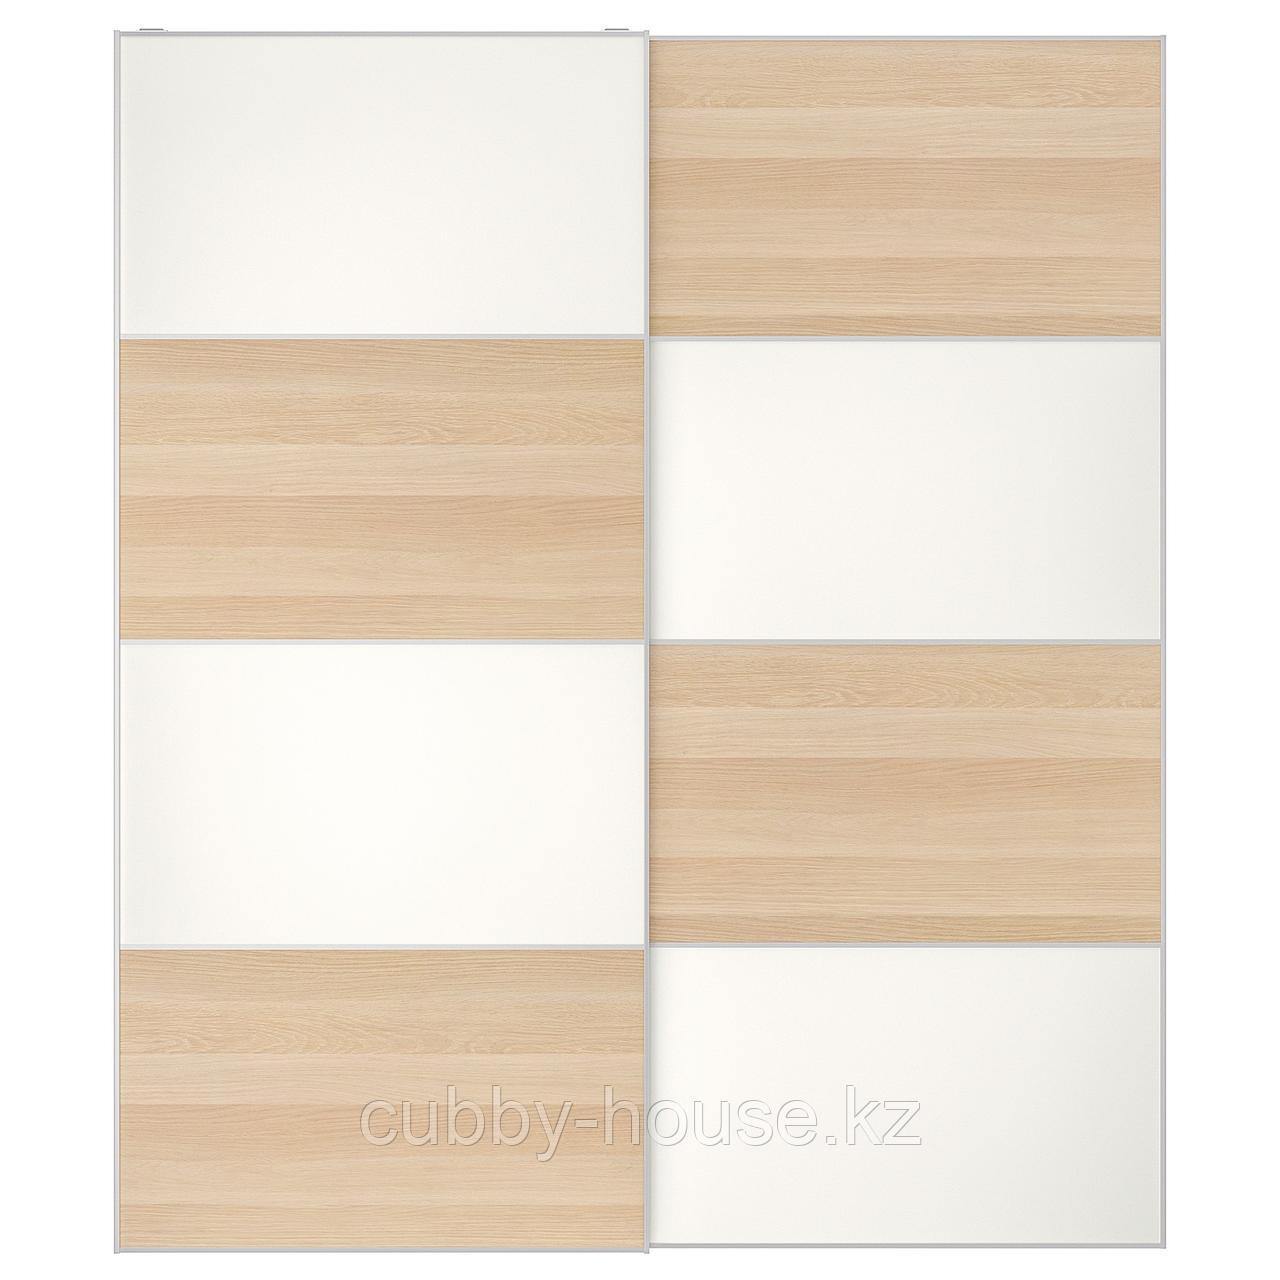 МЕХАМН Пара раздвижных дверей, под беленый дуб, белый, 150x236 см